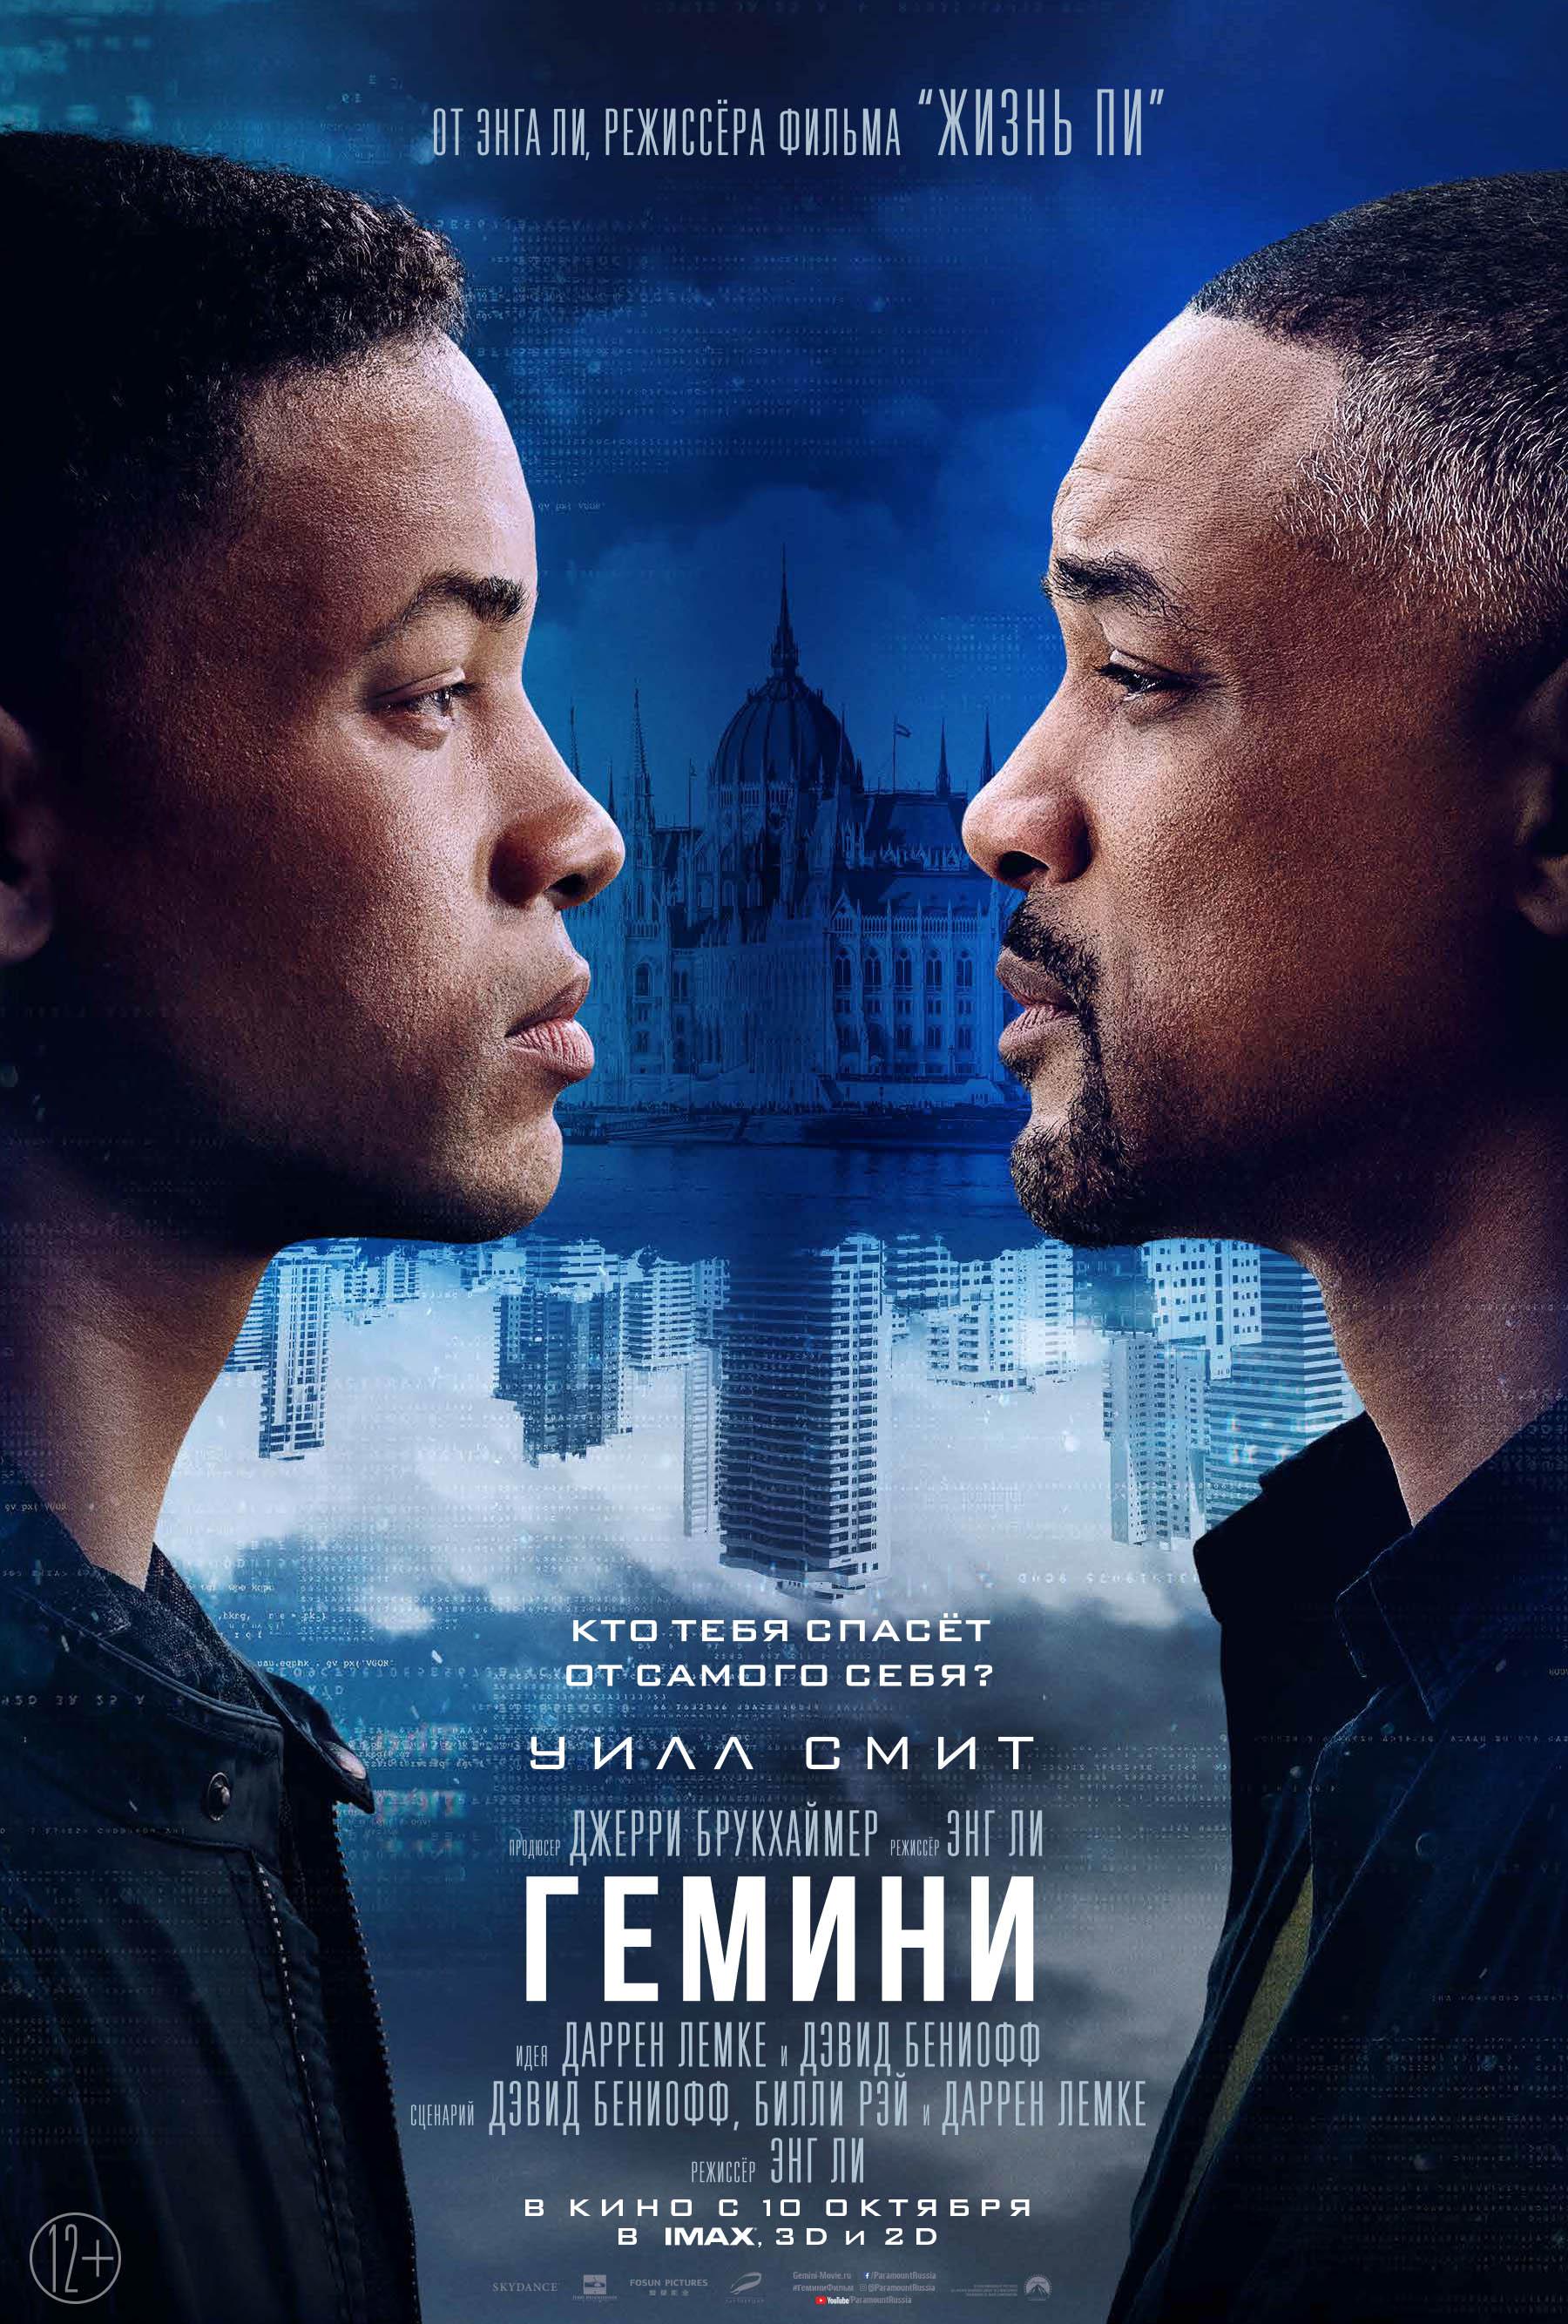 Сайт постеров к кино